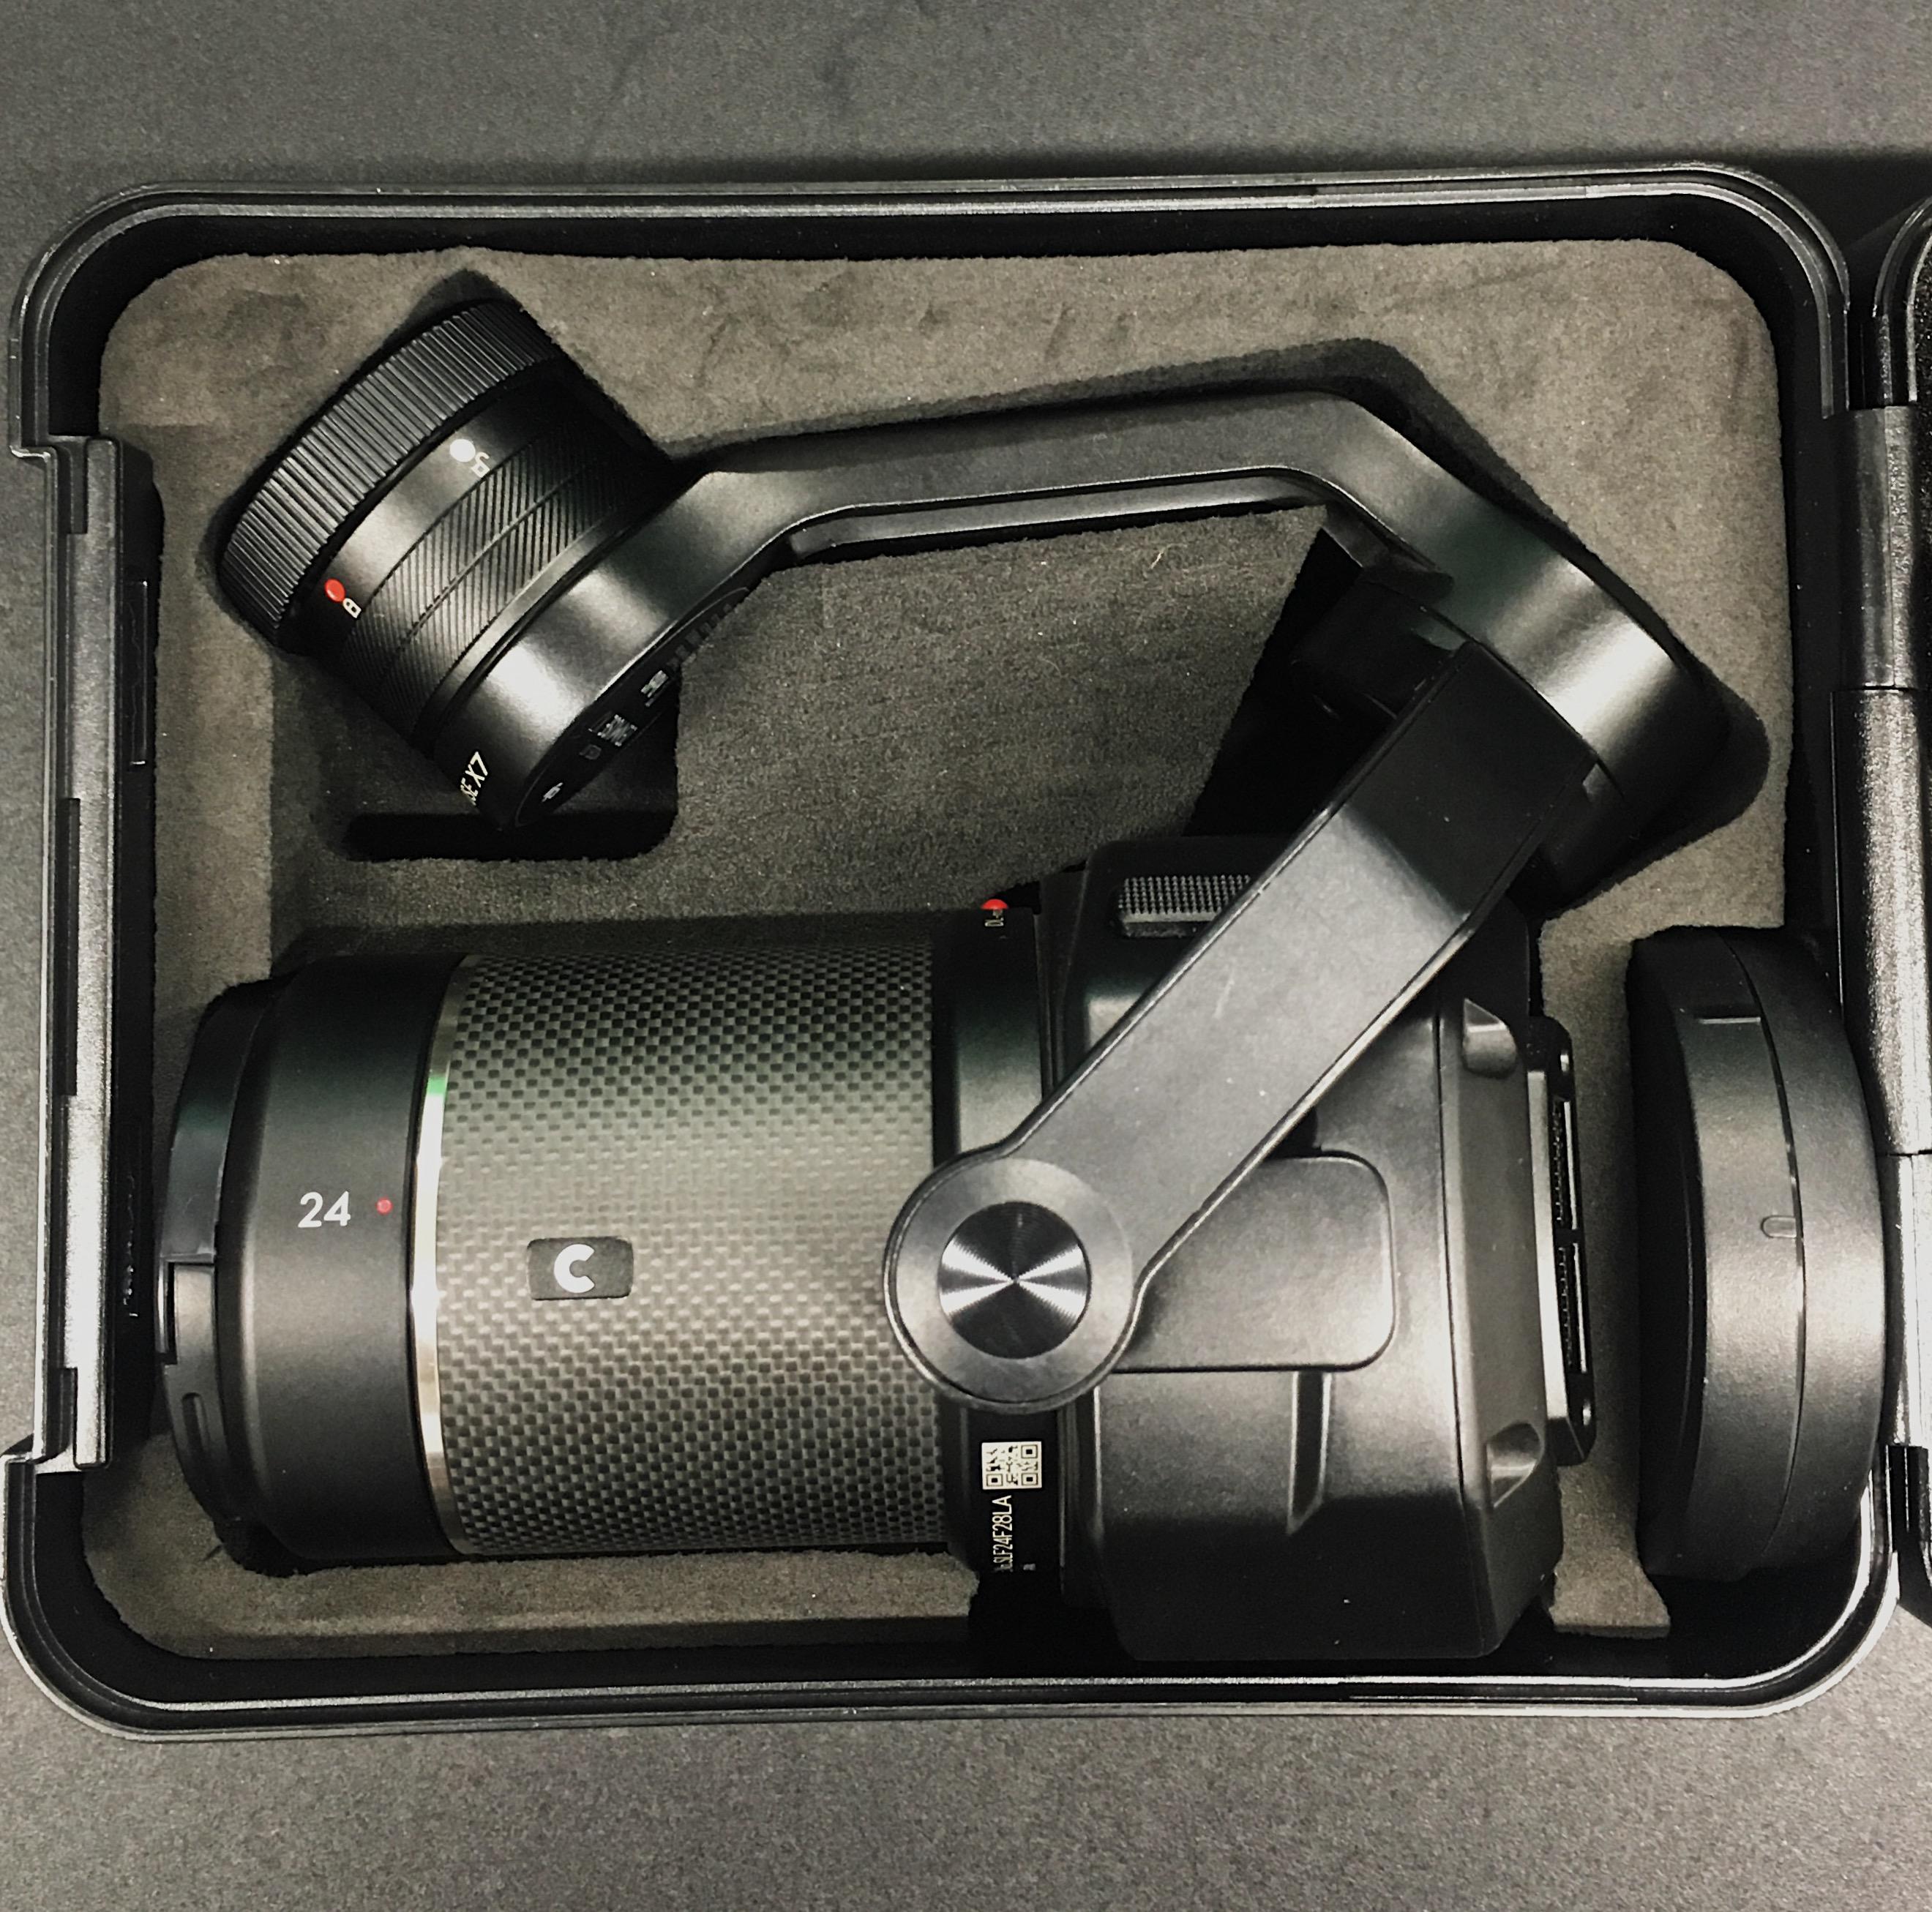 Zenmuse X7